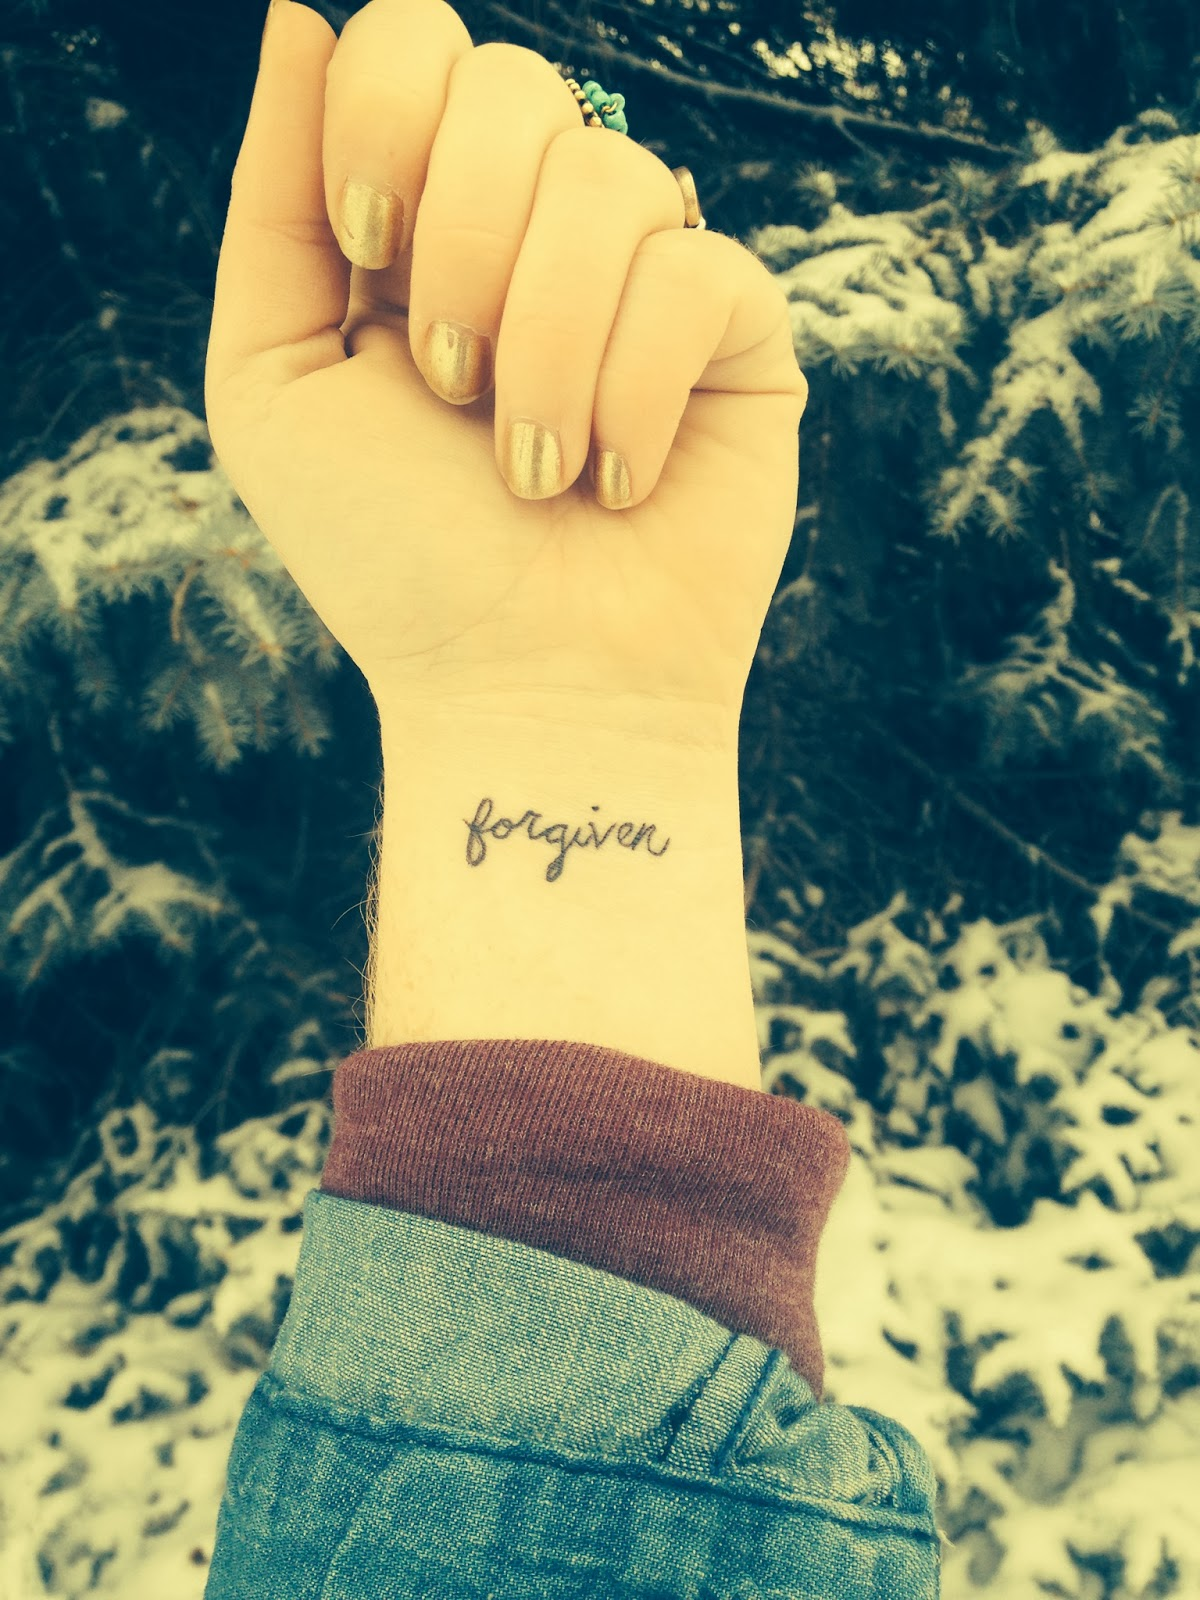 Lex Talionis Tattoo Designs